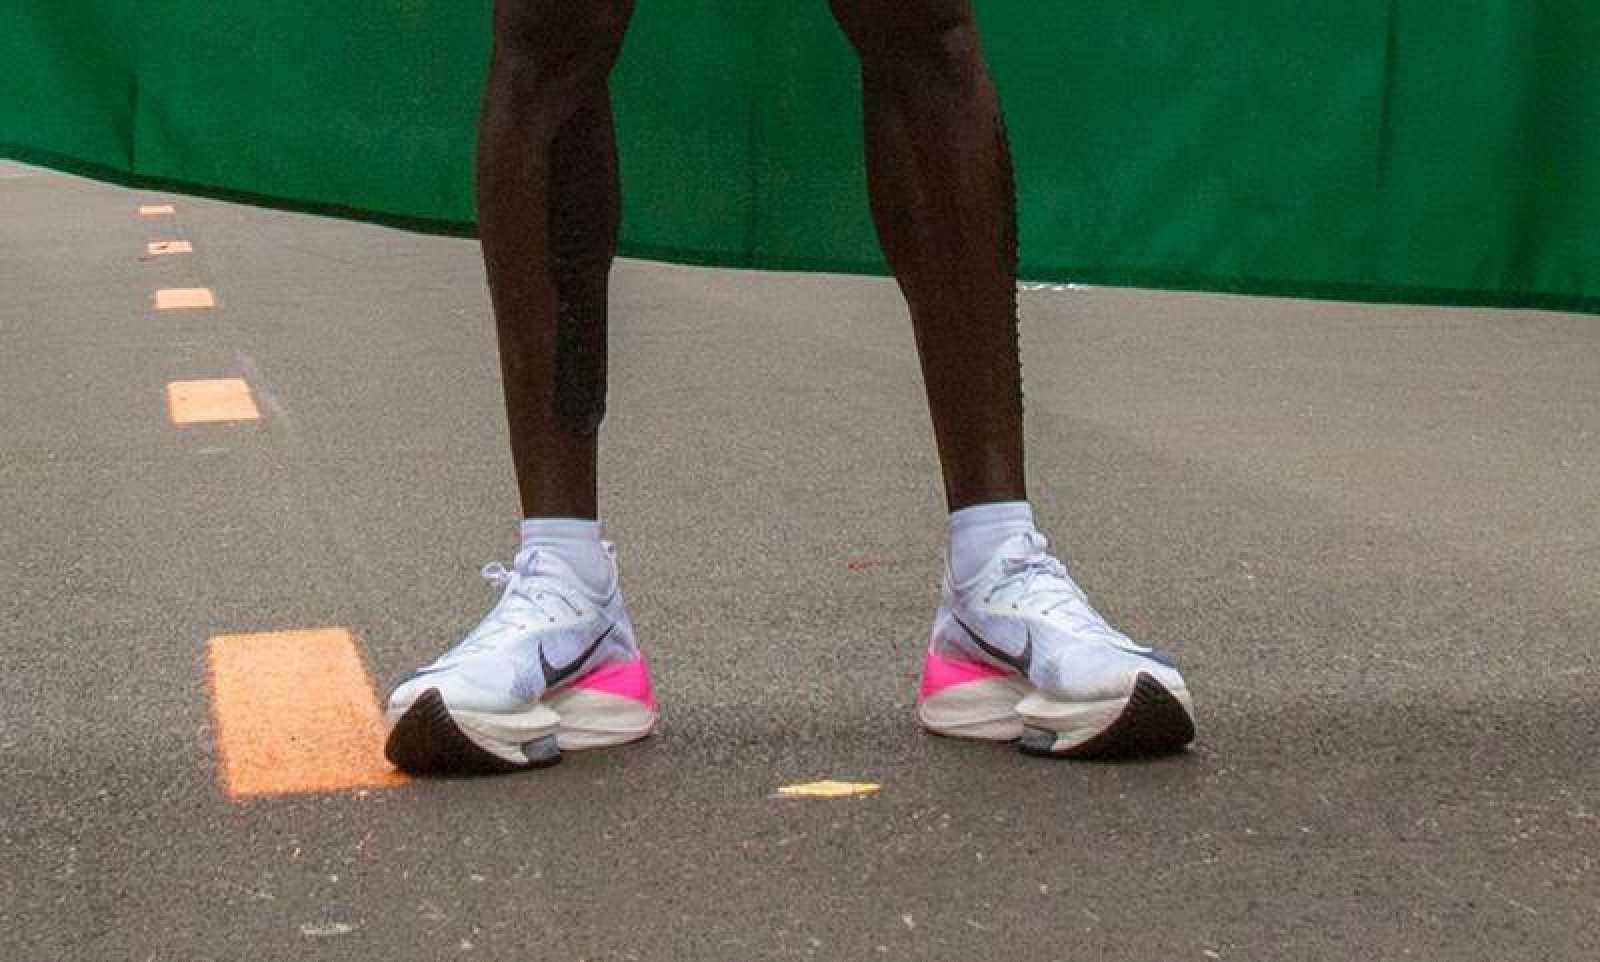 dolor de estómago Recreación Oficiales  Maratón: Prohíben prototipos de zapatillas como el de Kipchoge